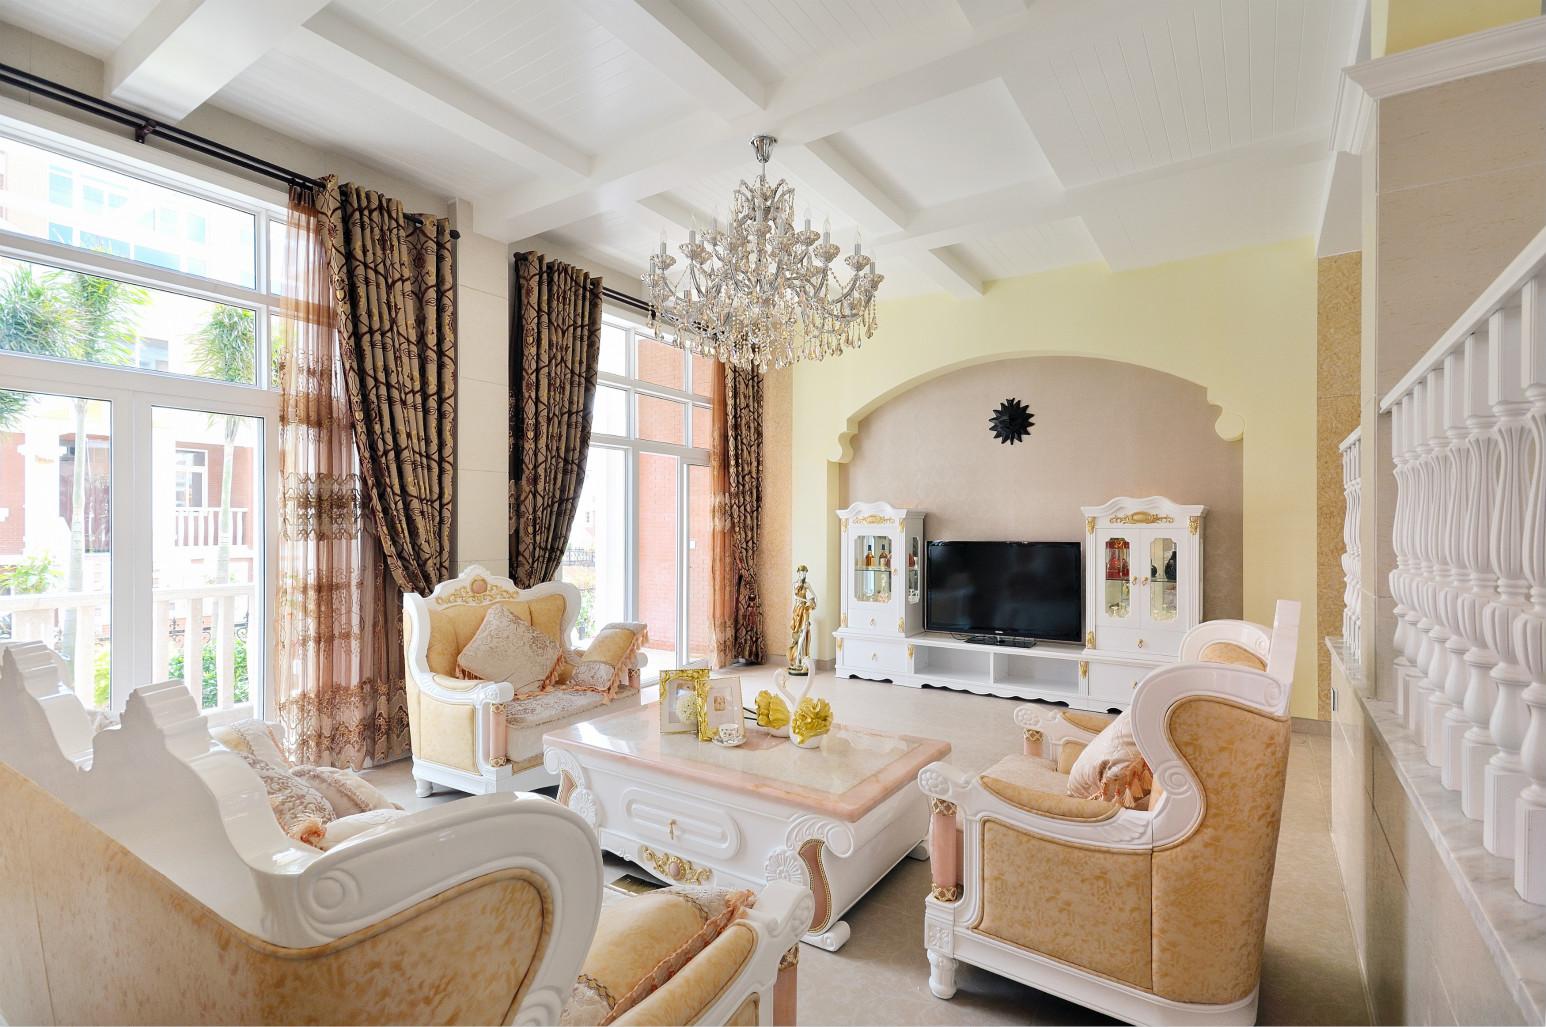 选用浅色的沙发、整体空间的色彩,也打造出一个格调高雅的客厅。